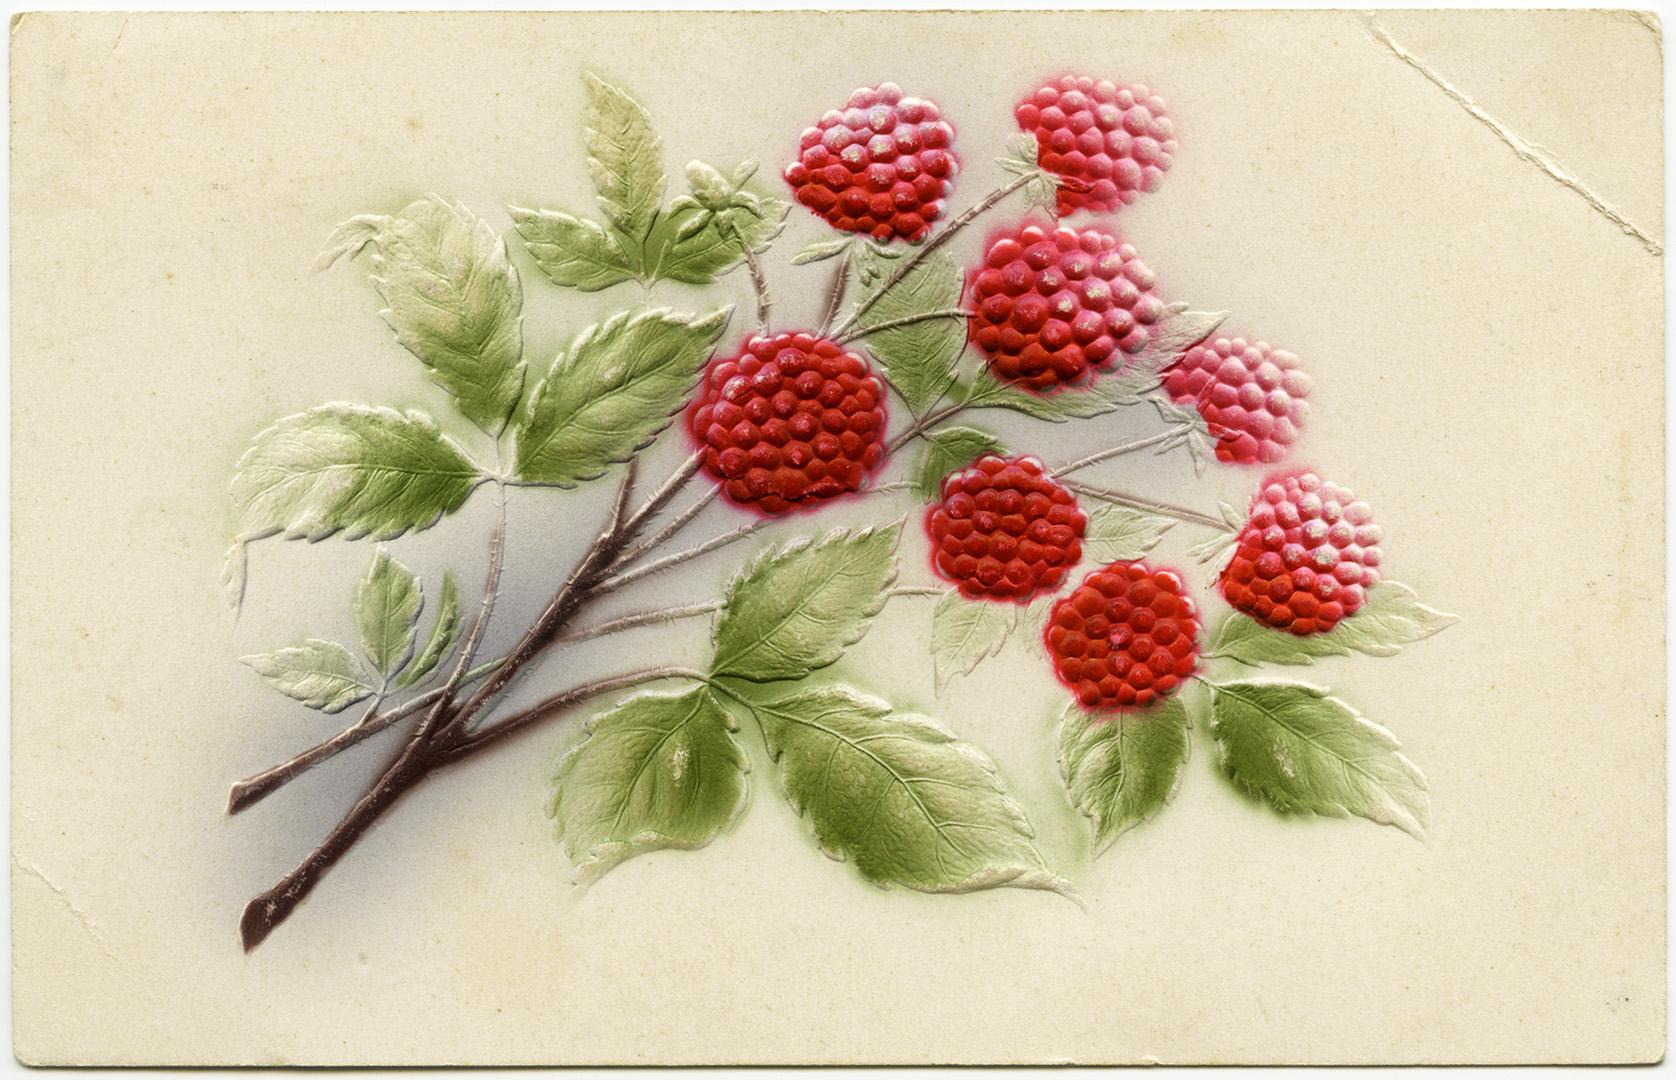 нас картинки с ягодами декупаж данном разделе